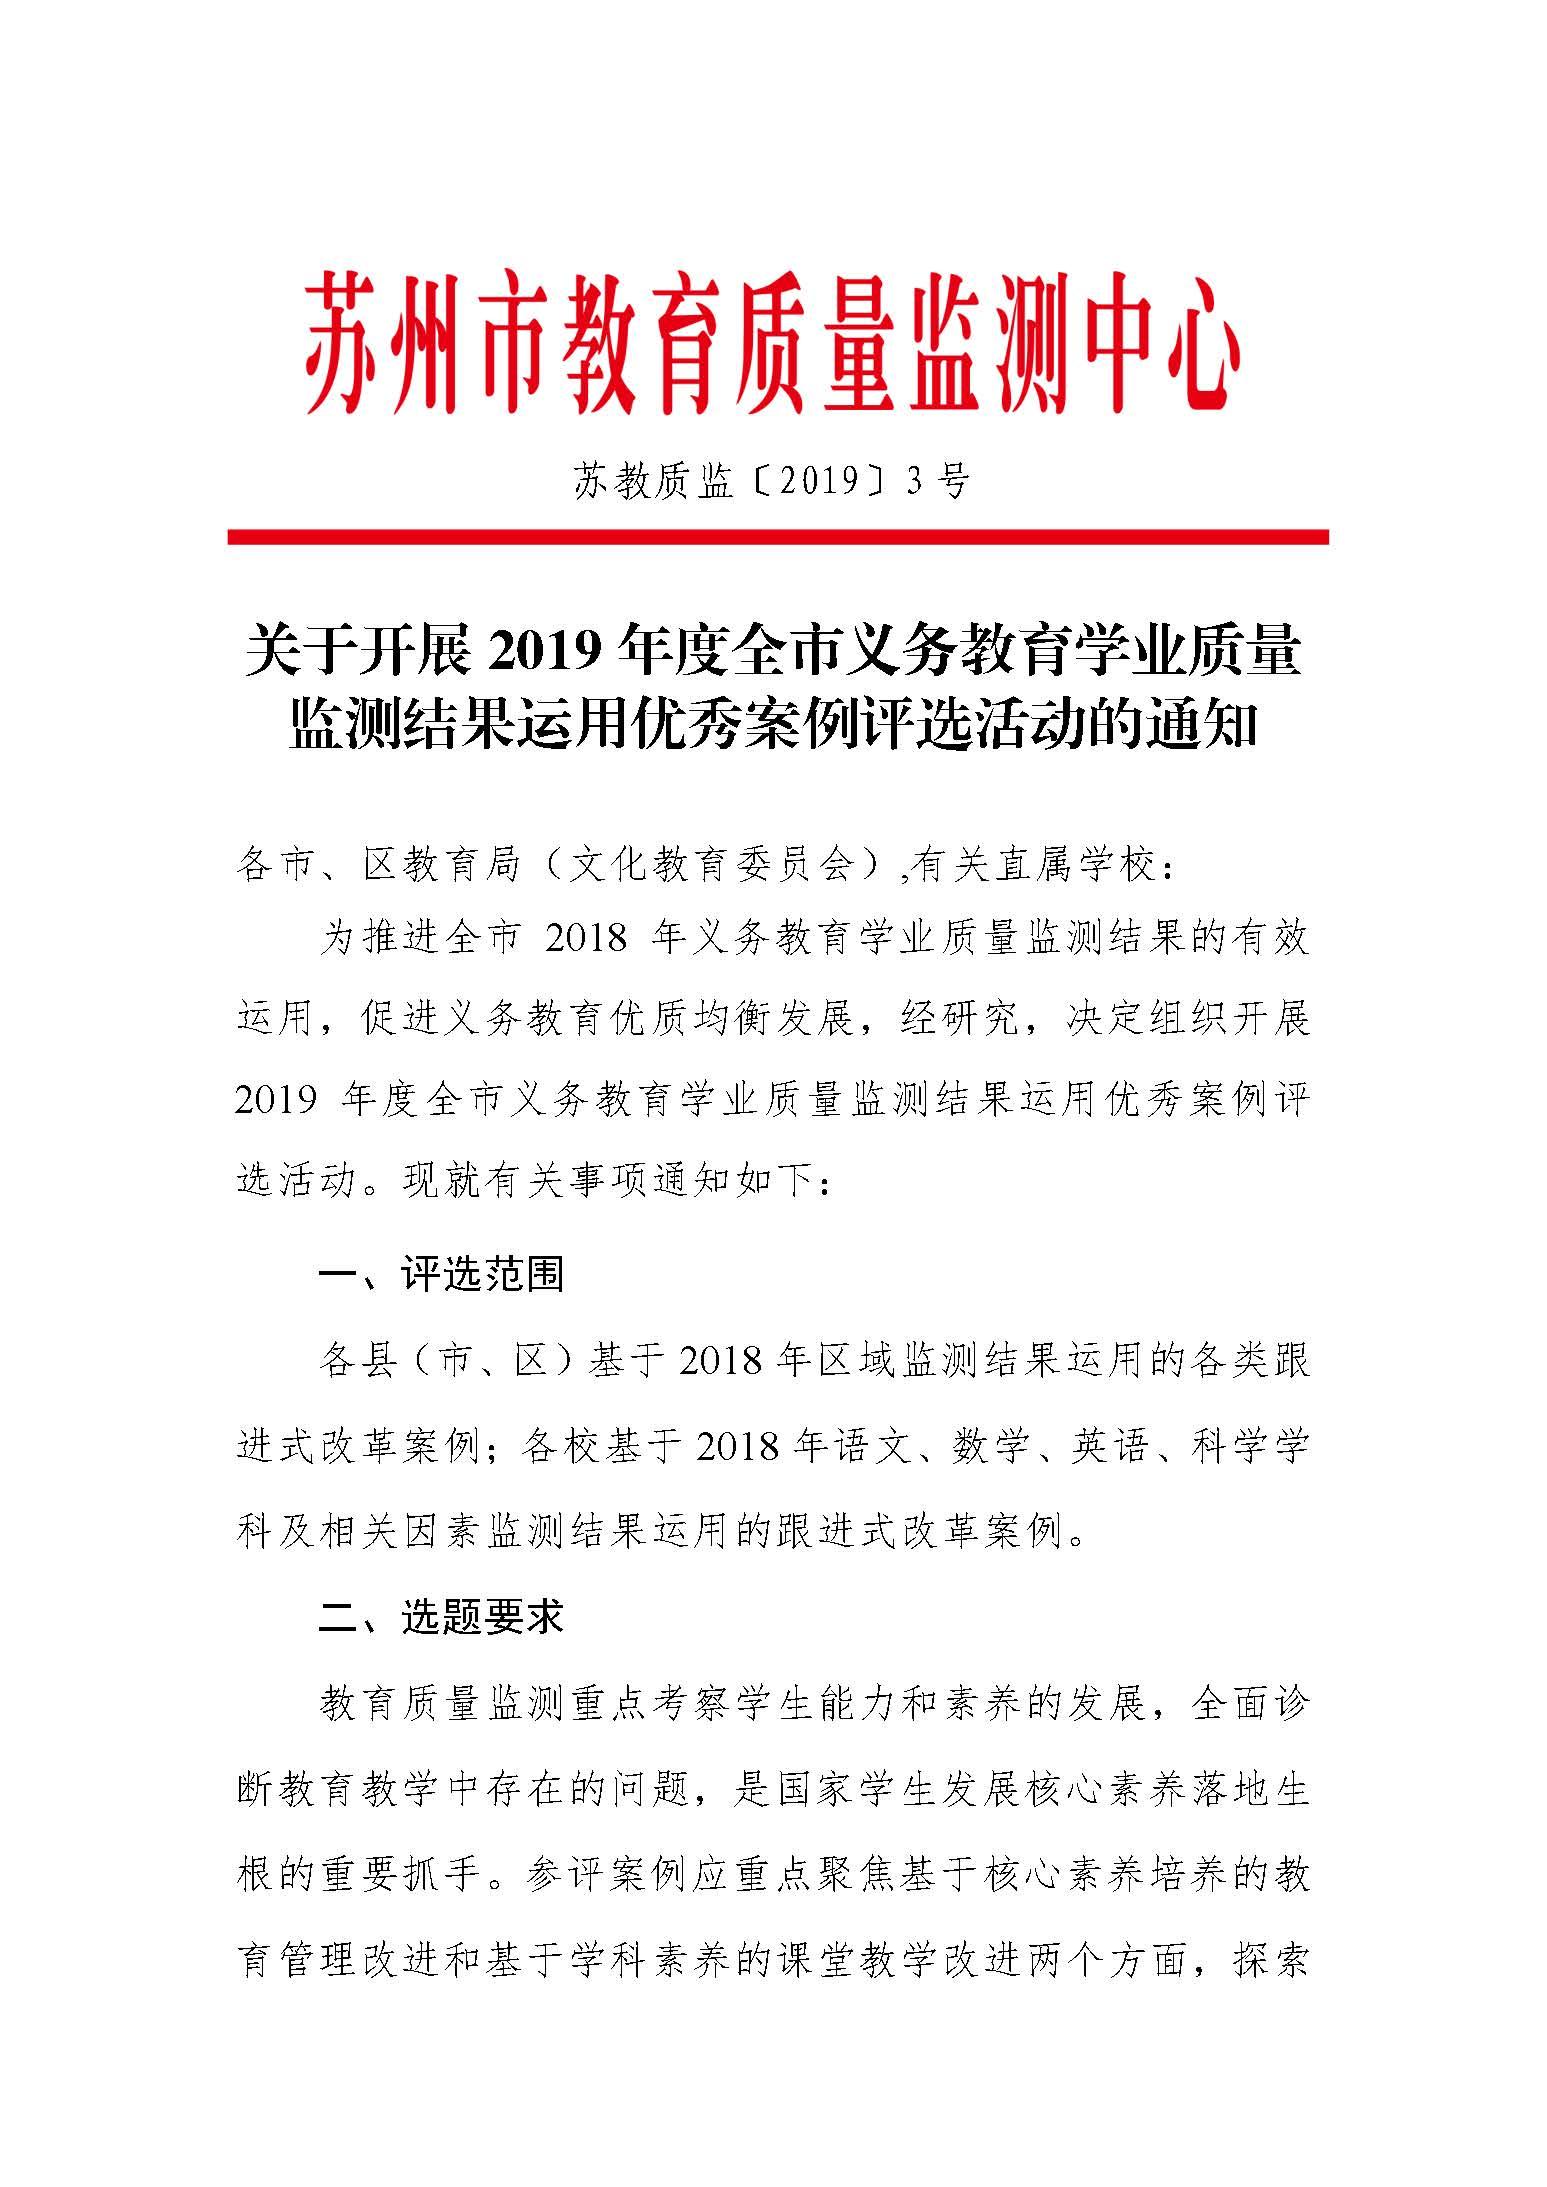 苏教质监-2019-3号-申报监测案例通知_页面_1